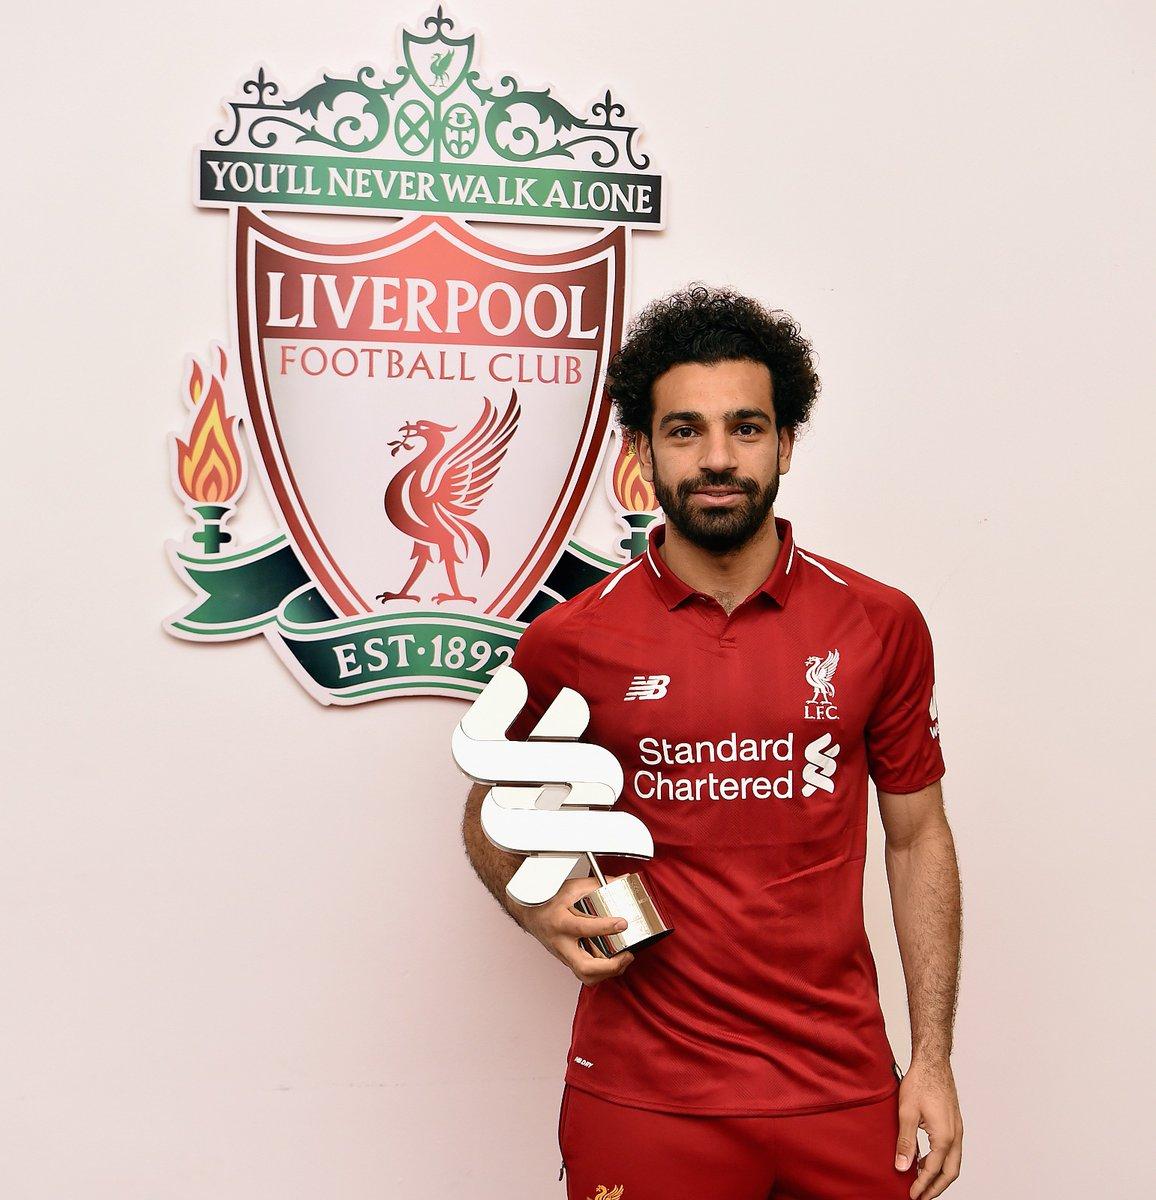 محمد صلاح يحمل جائزة لاعب الشهر فى ليفربول